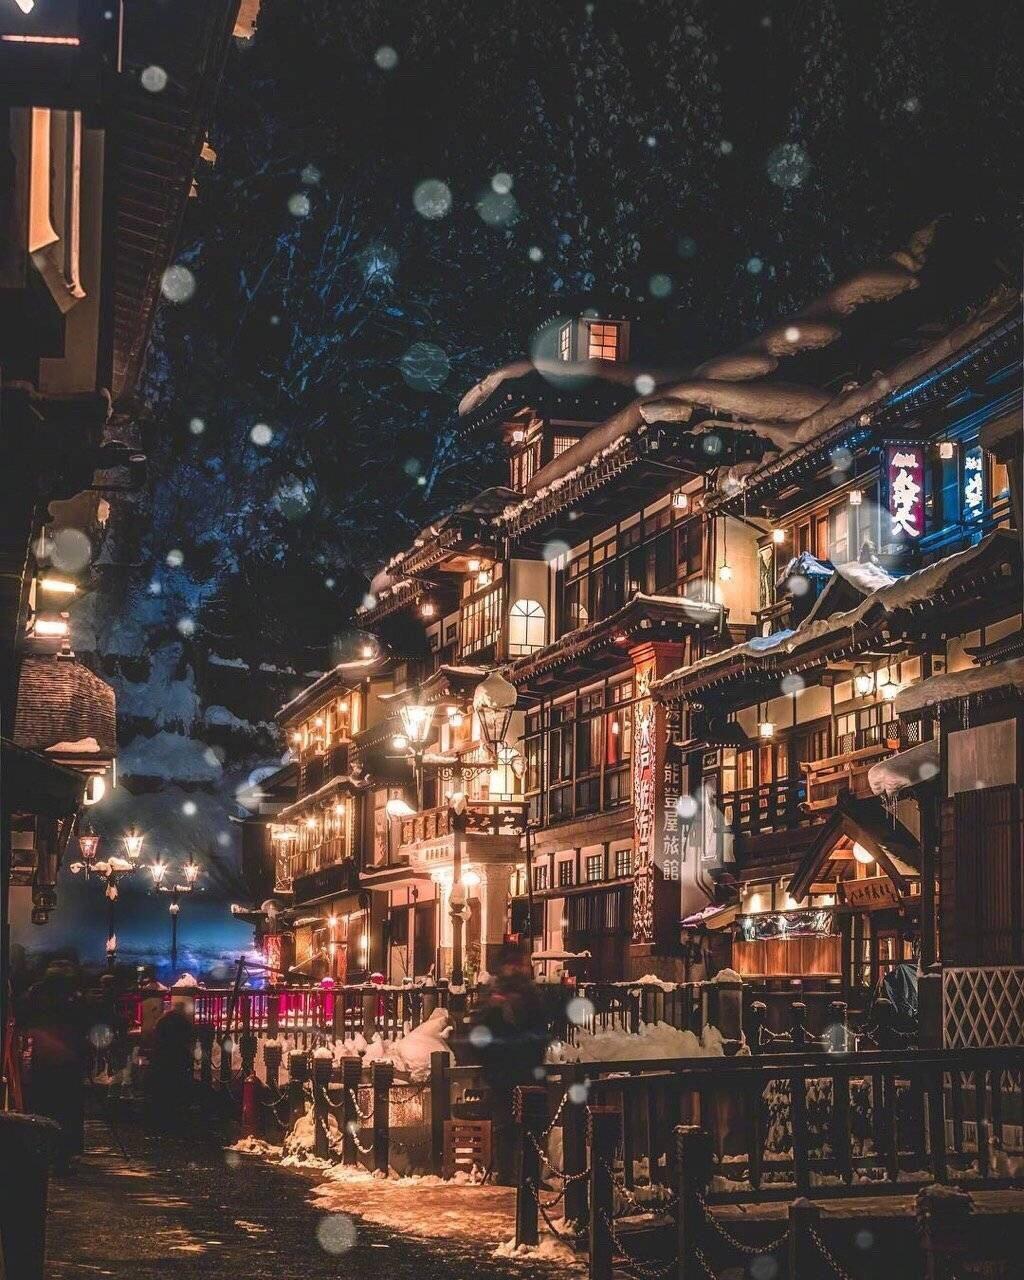 日本山形县银山温泉,《千与千寻》中神隐之地的现实版